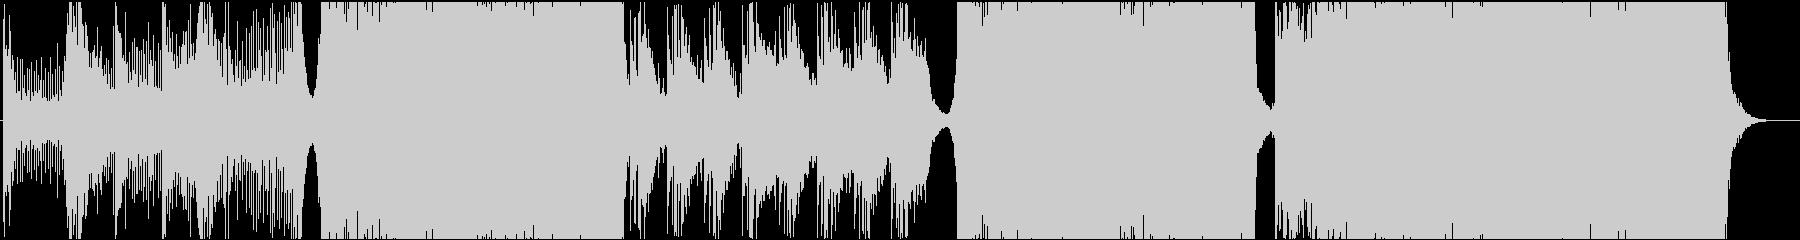 実験的 ロック ポストロック アク...の未再生の波形